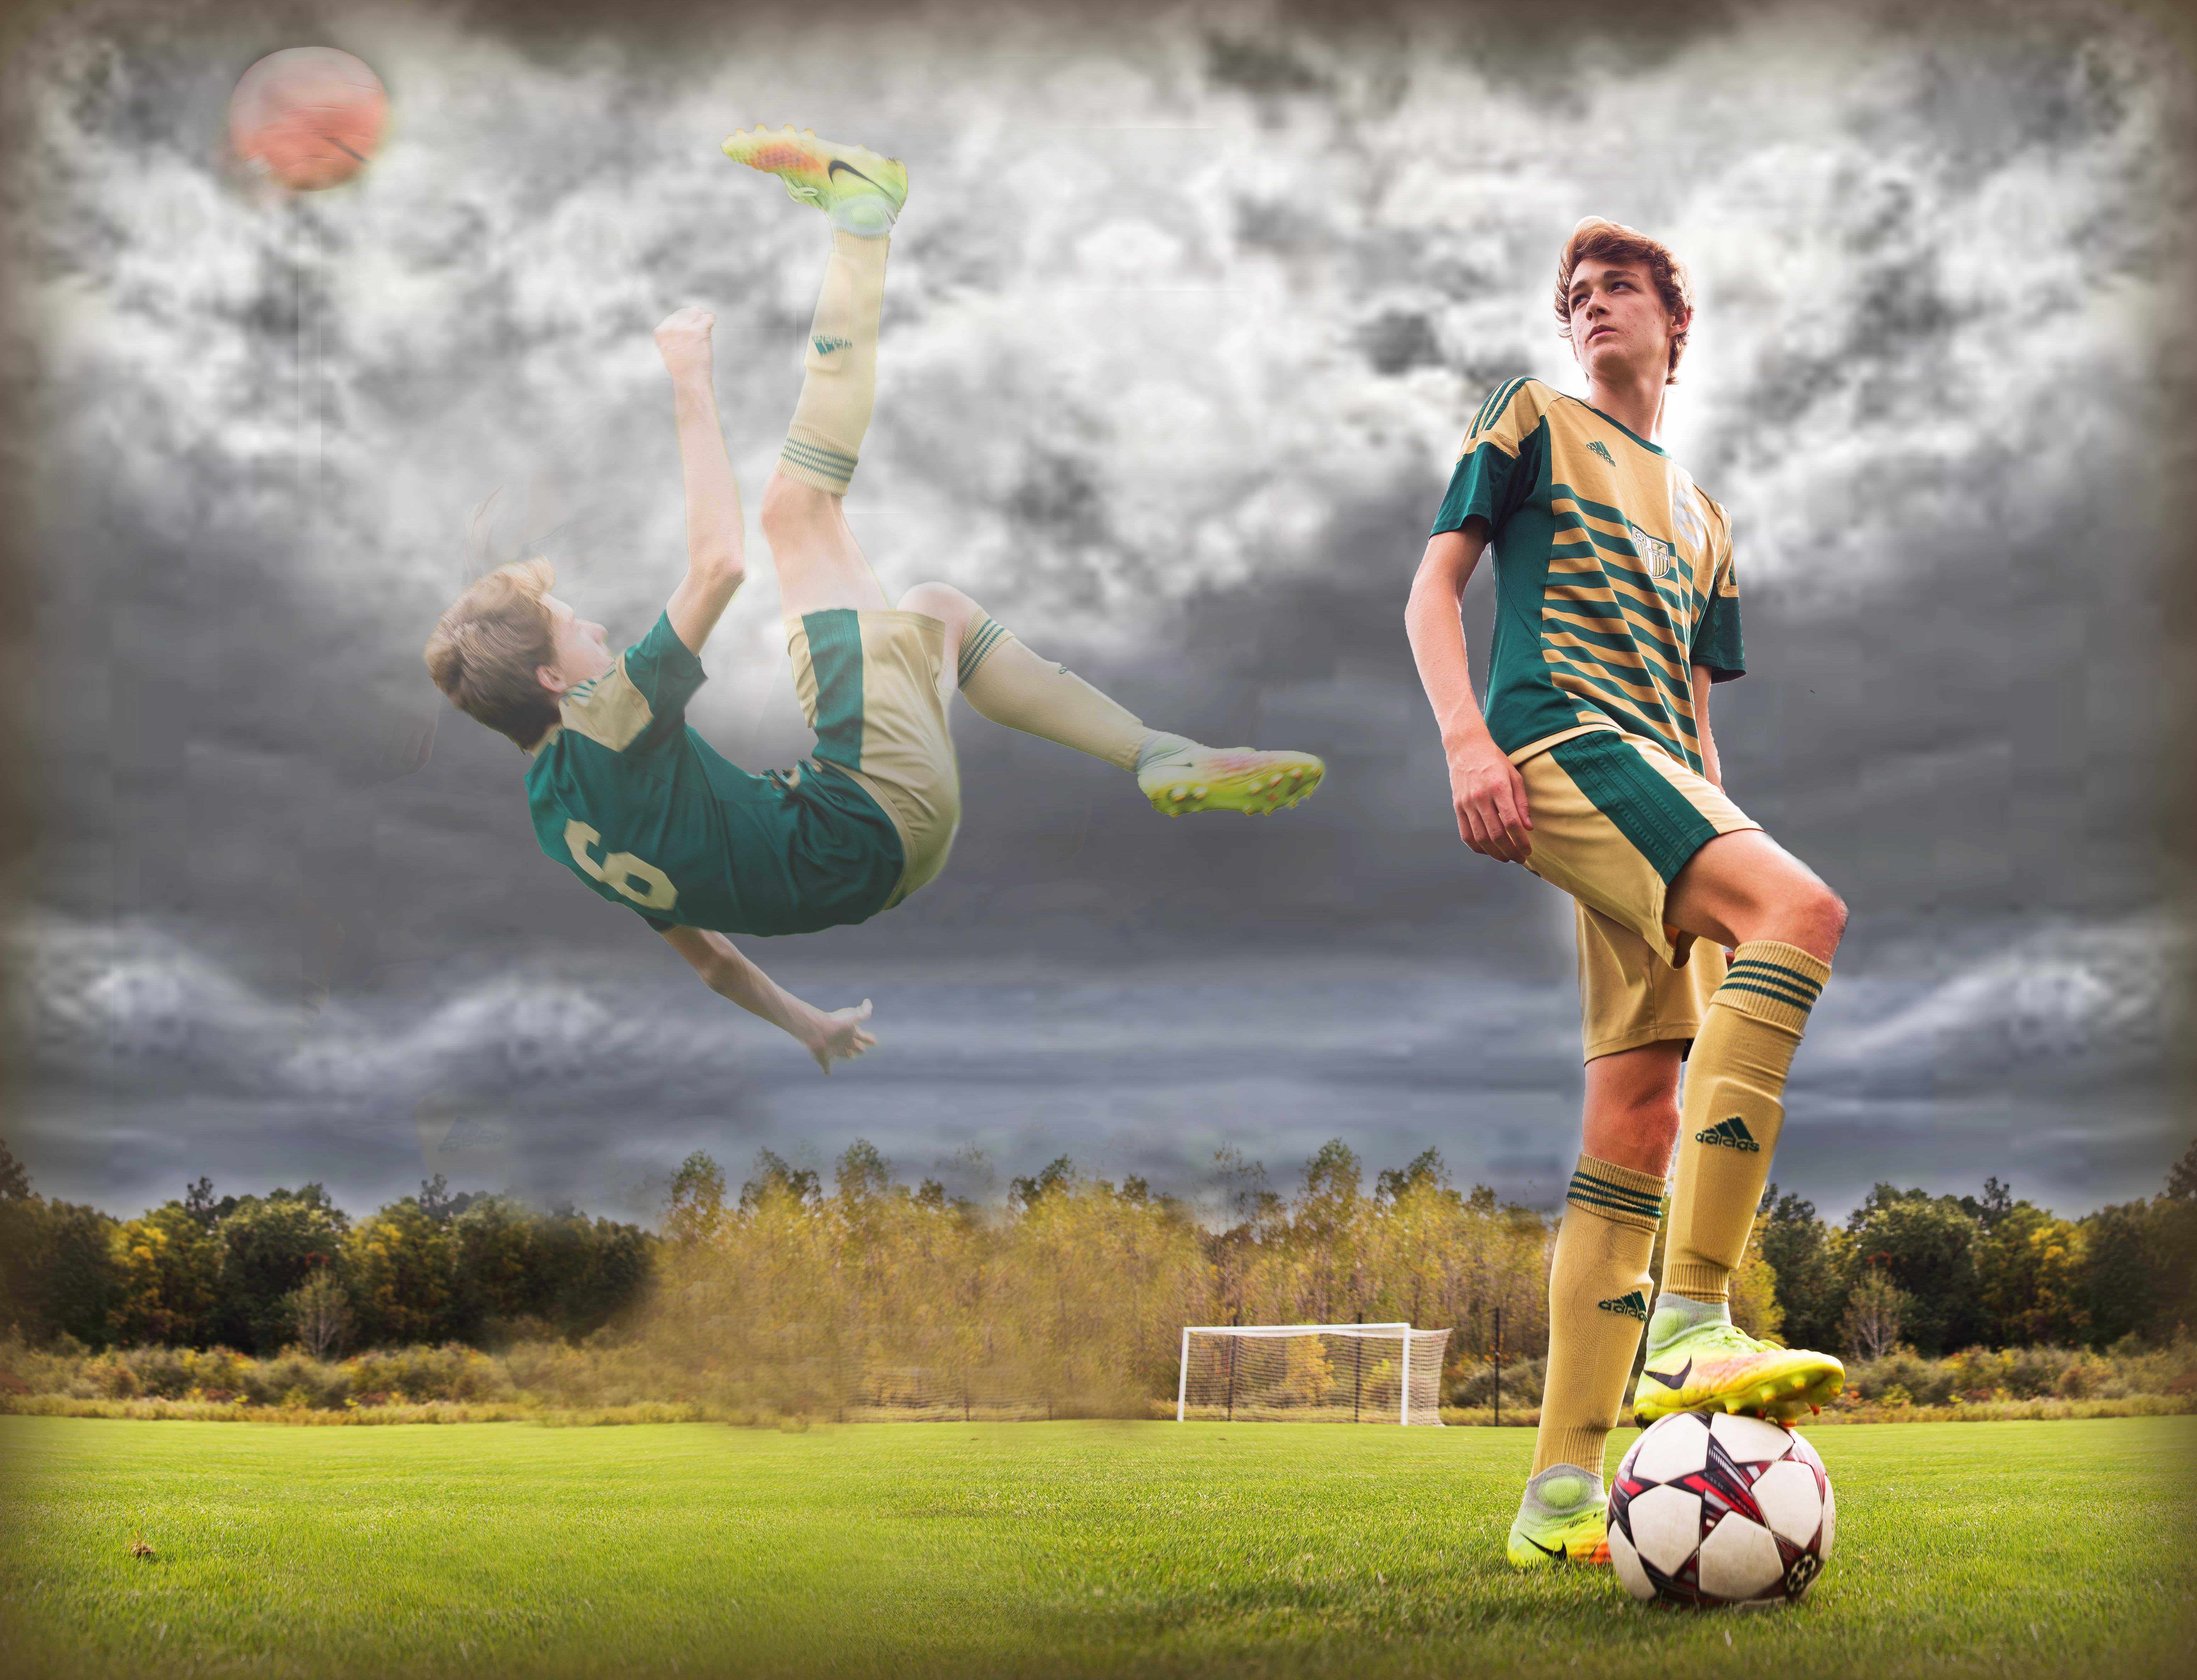 Soccer sky